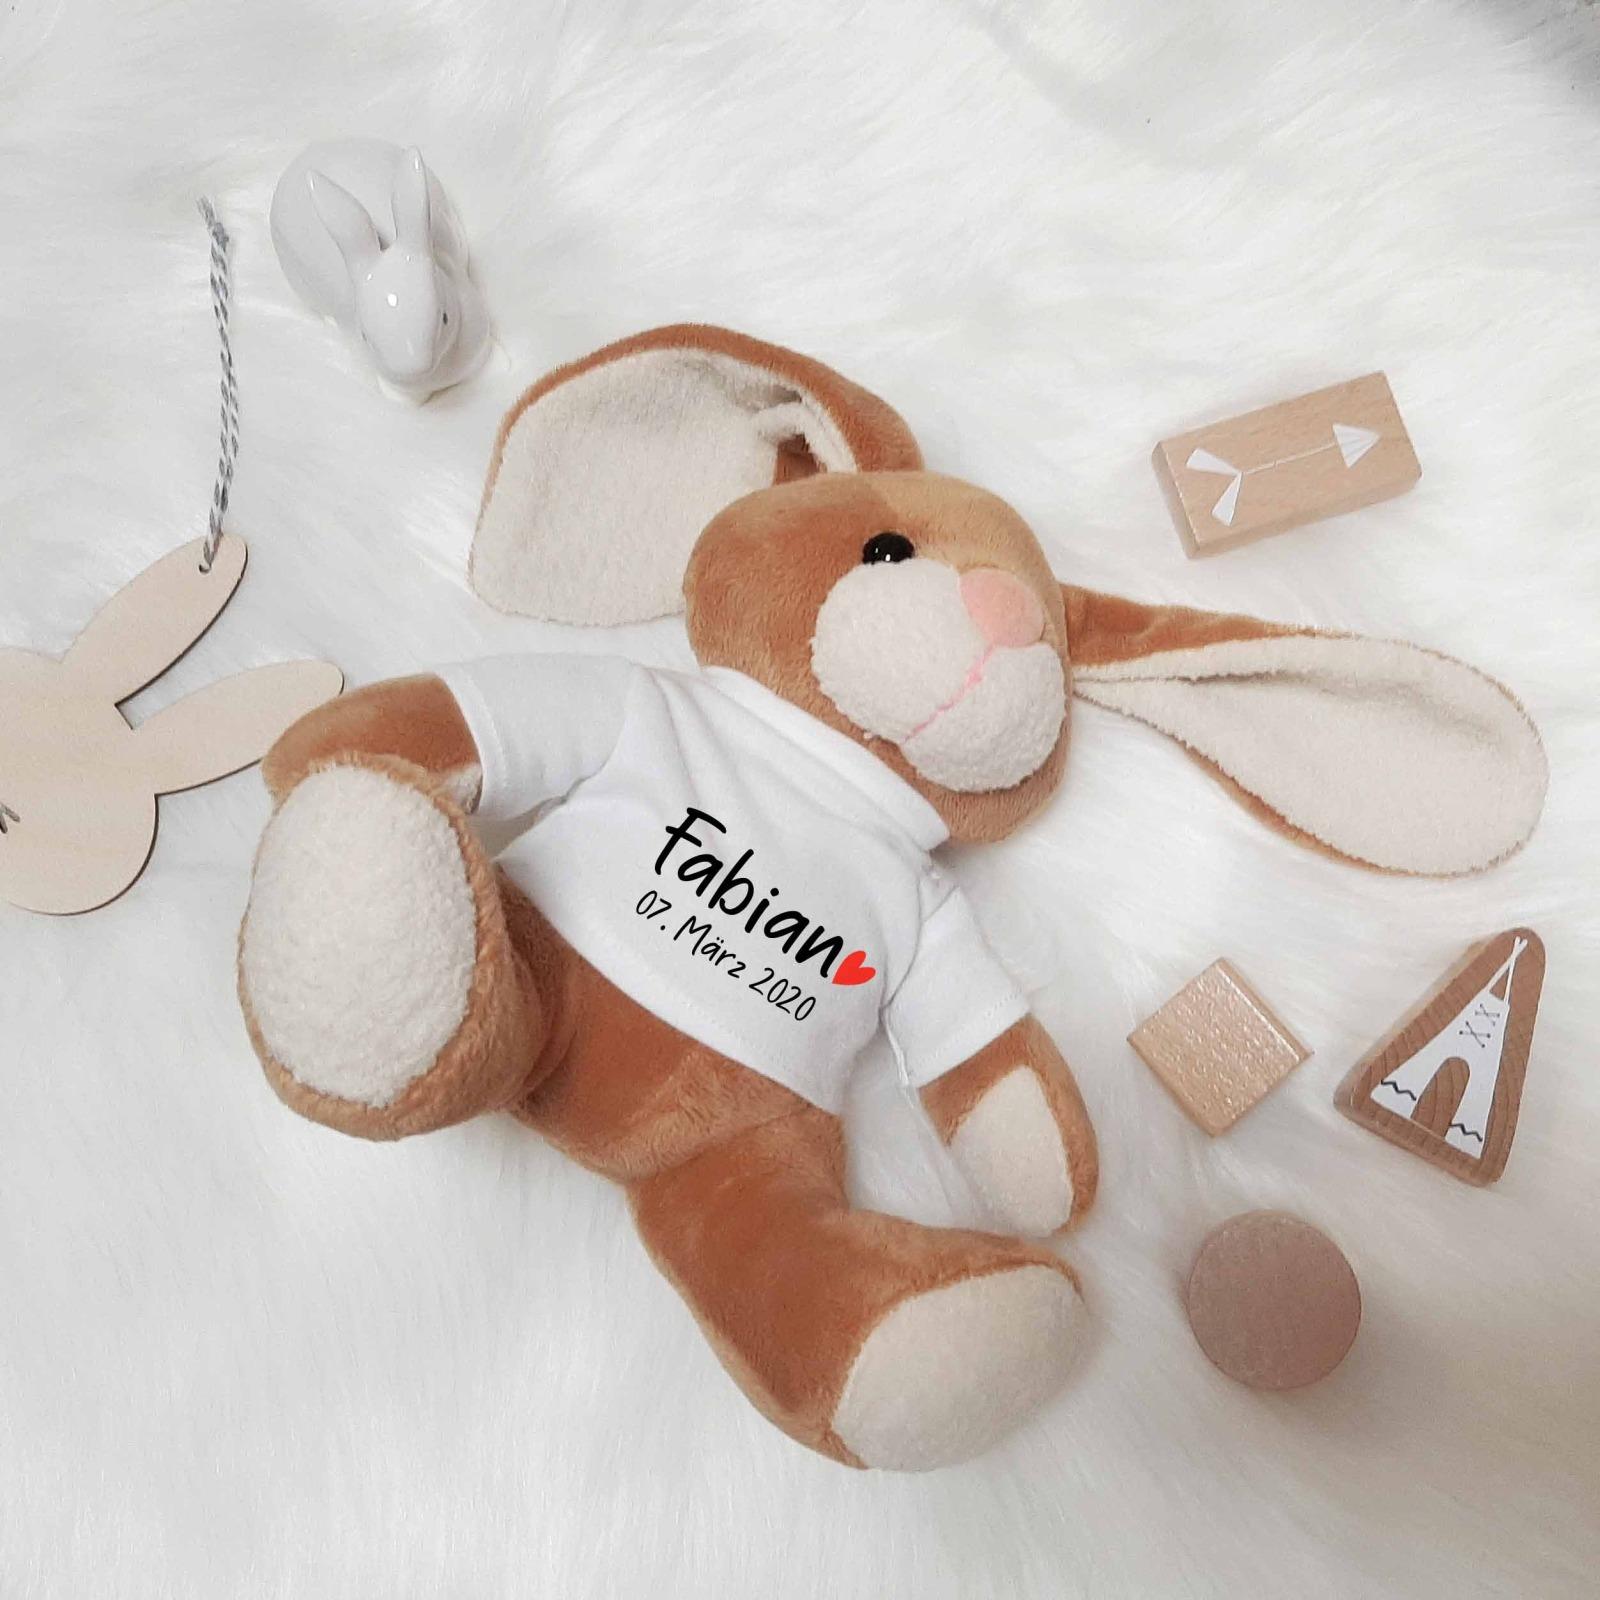 Kuscheltier Hase personalisiert mit Name 3